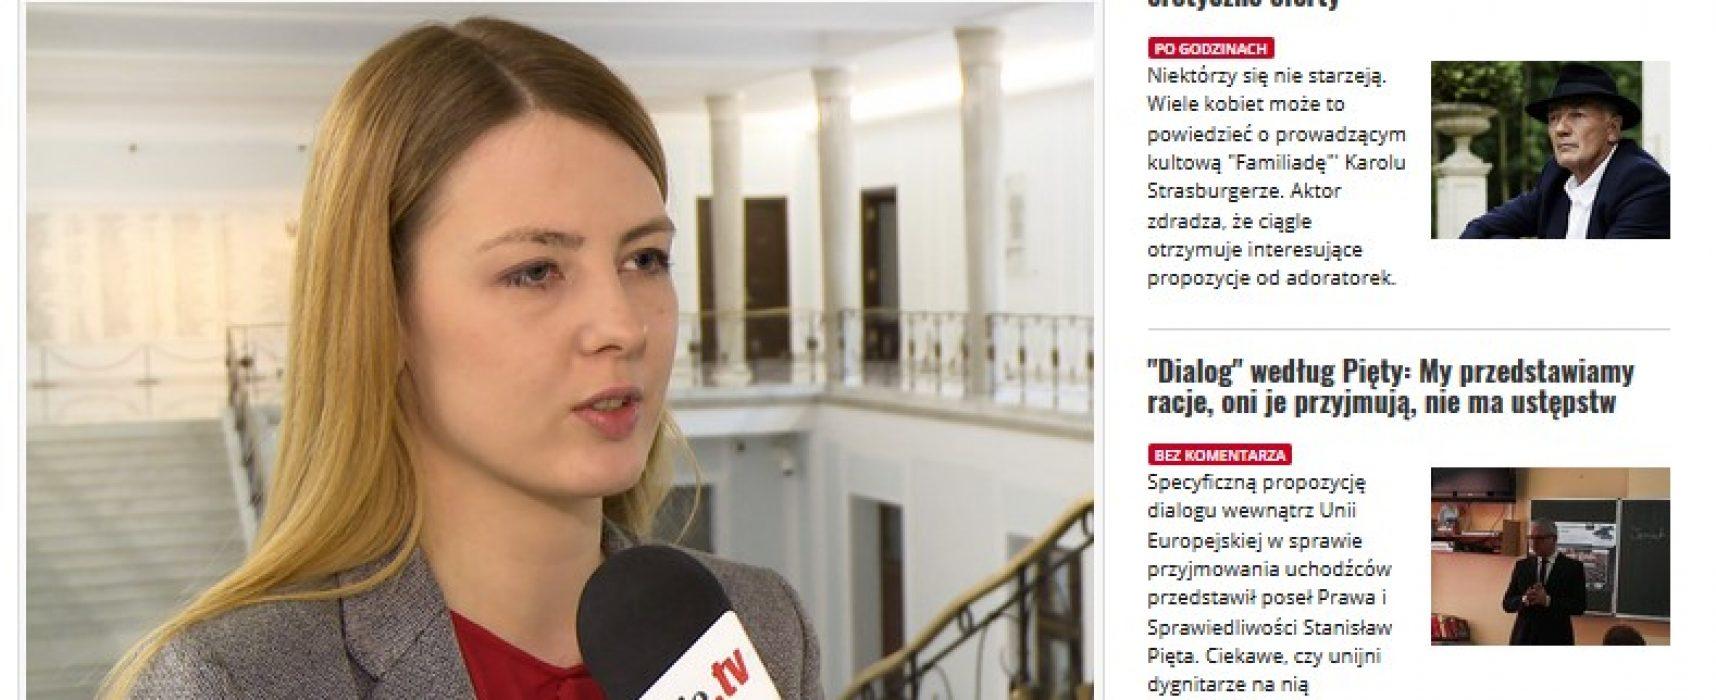 [Zdemaskowane] Fejk: Gdyby nie sprezentowano 100 milionów na ukraińskie drogi, to nie trzeba by podnosić opłat Polakom